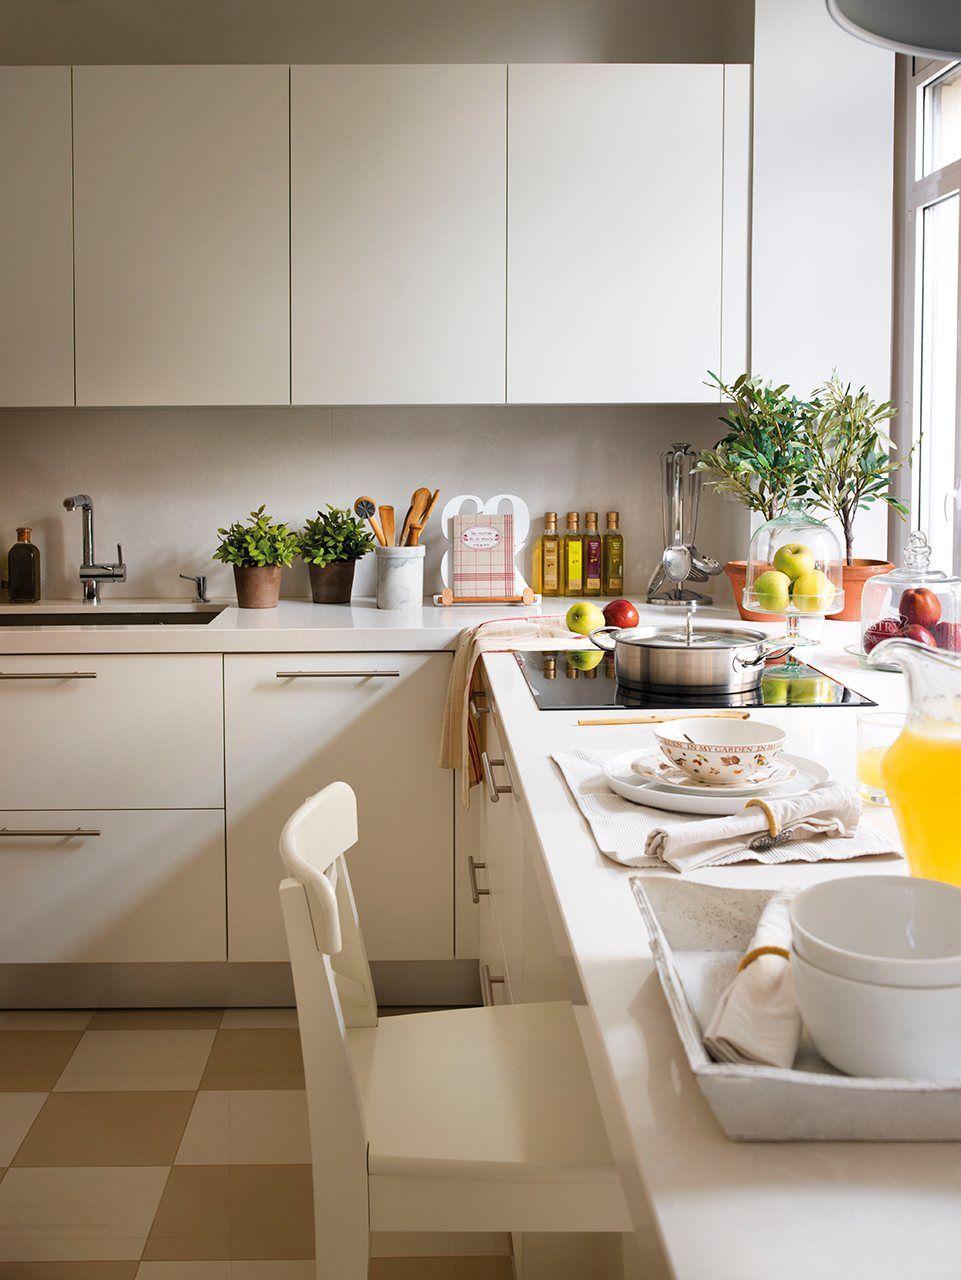 20 ideas para cocinas pequeñas · ElMueble.com · Cocinas y baños ...